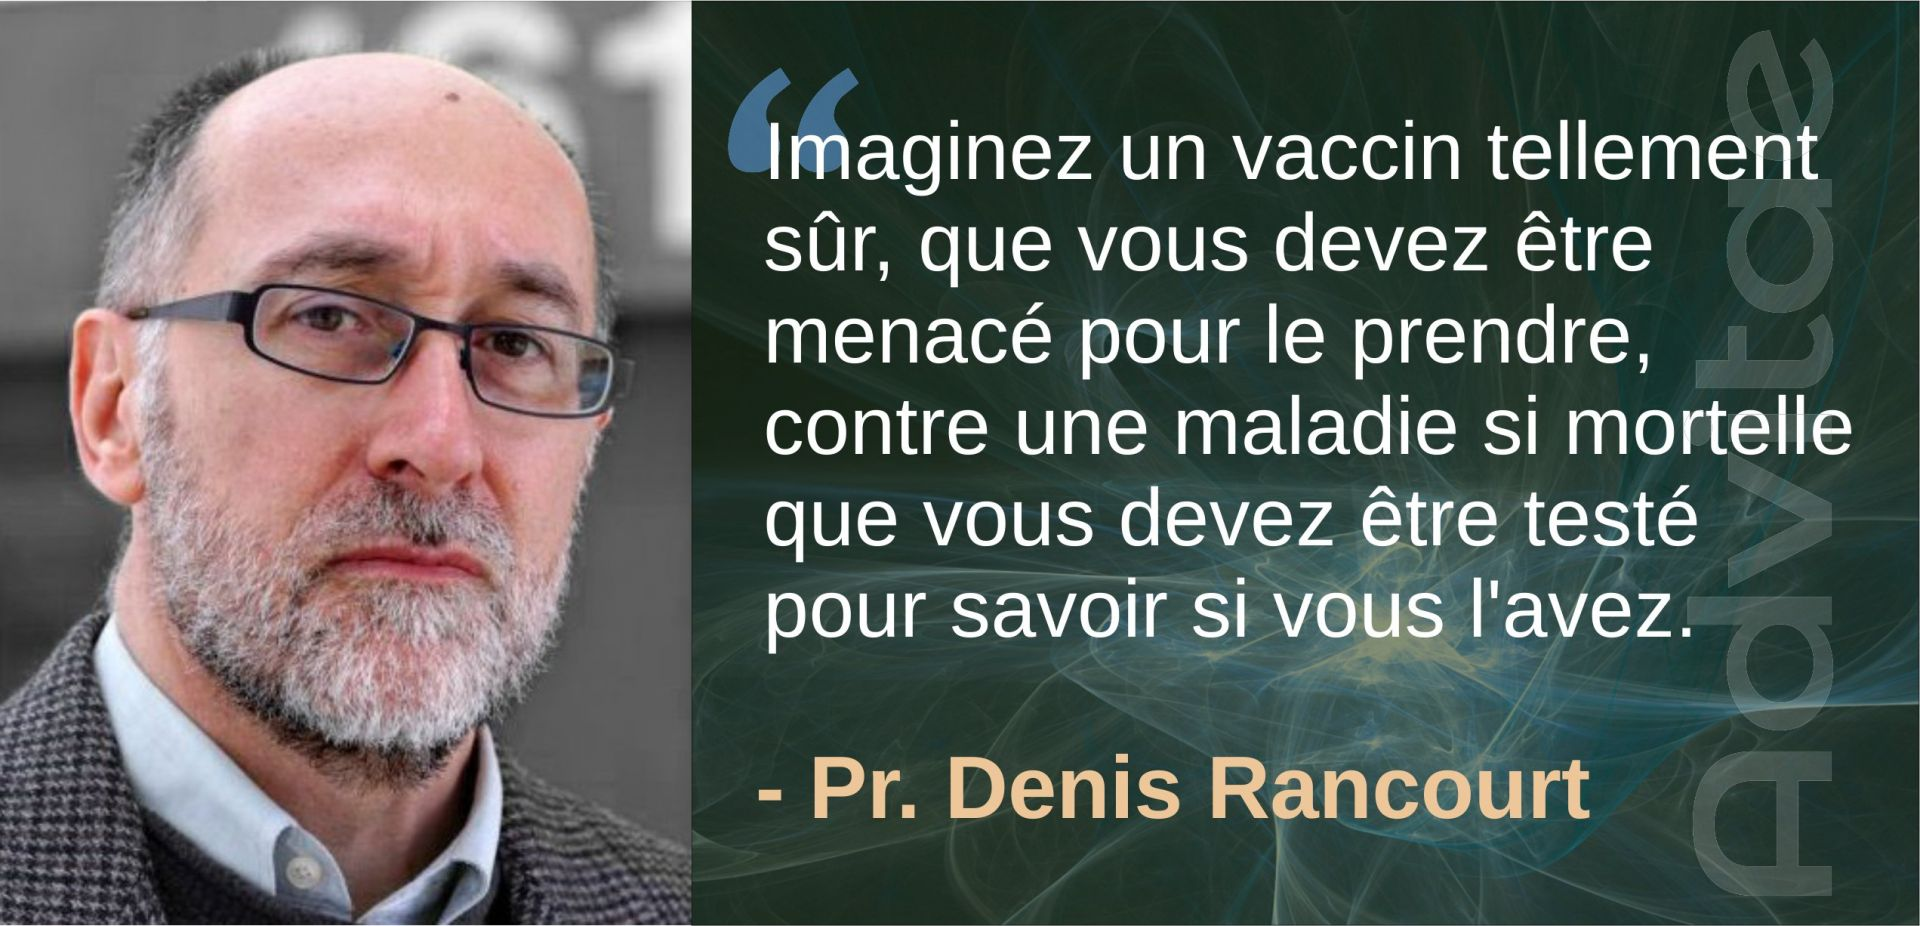 Rancourt: Imaginez un vaccin si sûr, que vous devez être menacé pour le prendre.